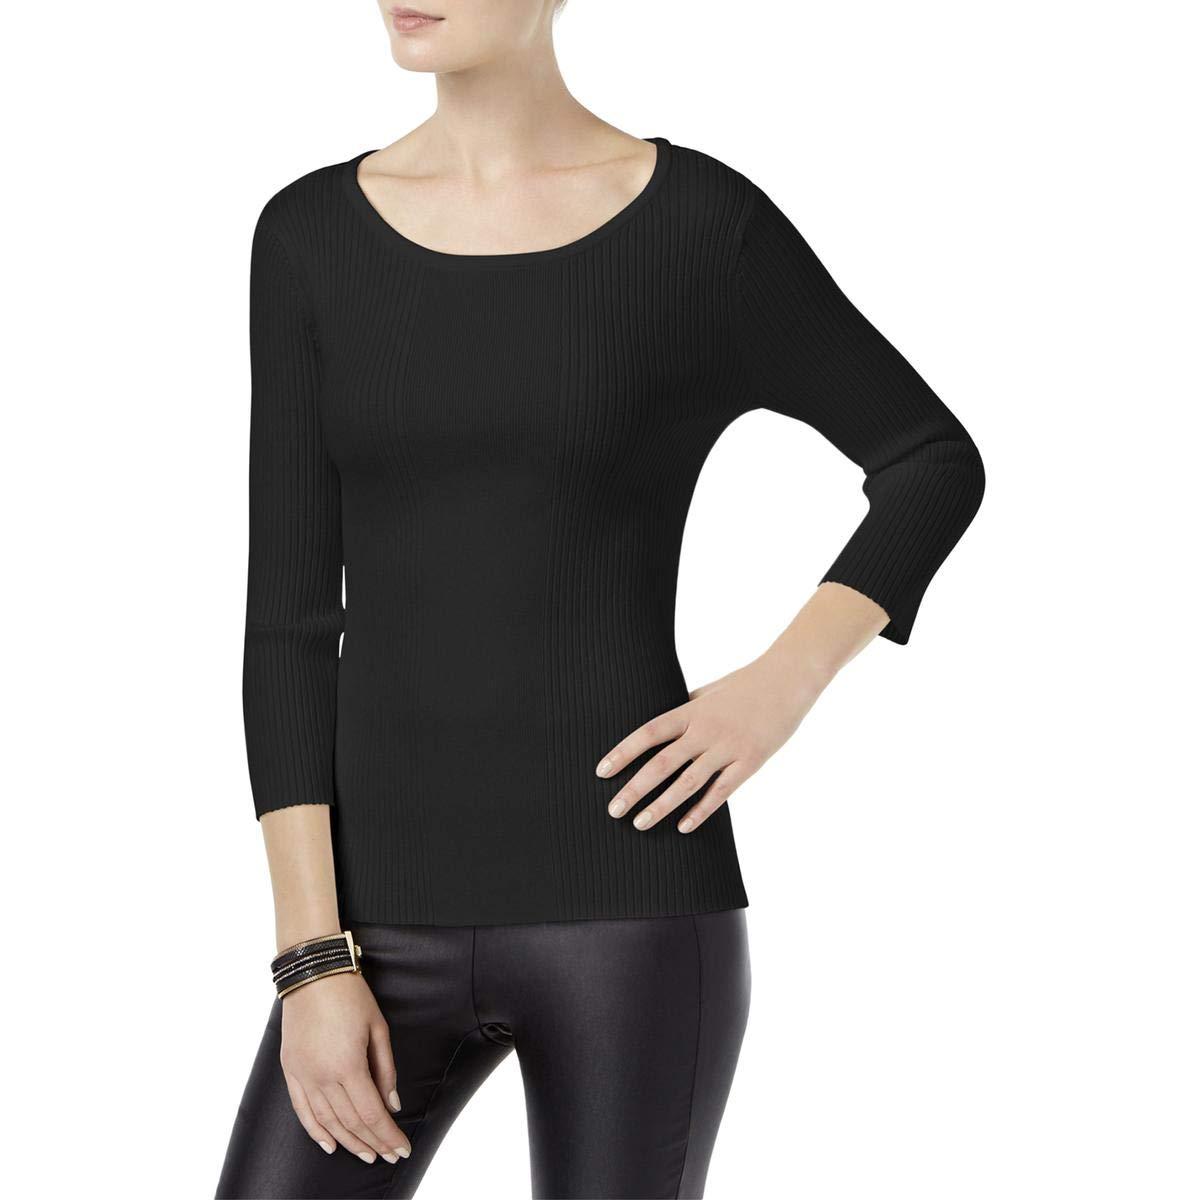 Deepblack INC Womens Cpinkrt Back Knit Sweater